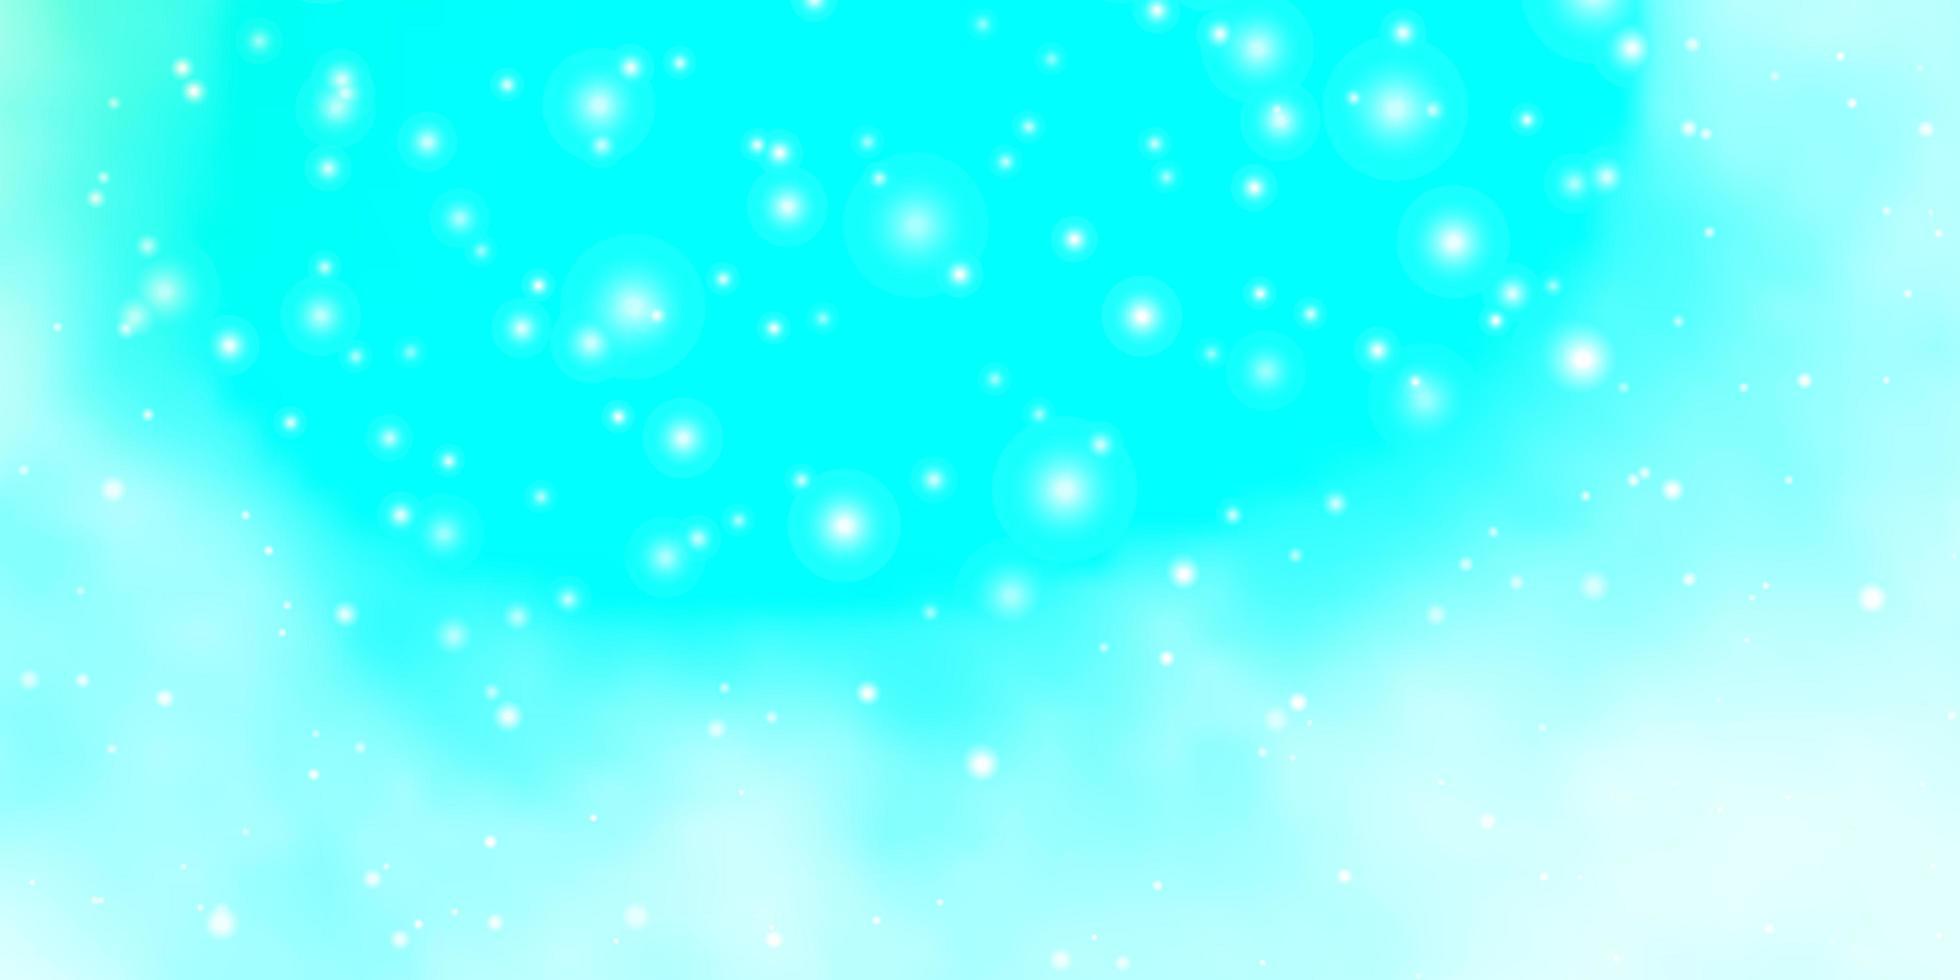 modelo azul com estrelas de néon. vetor